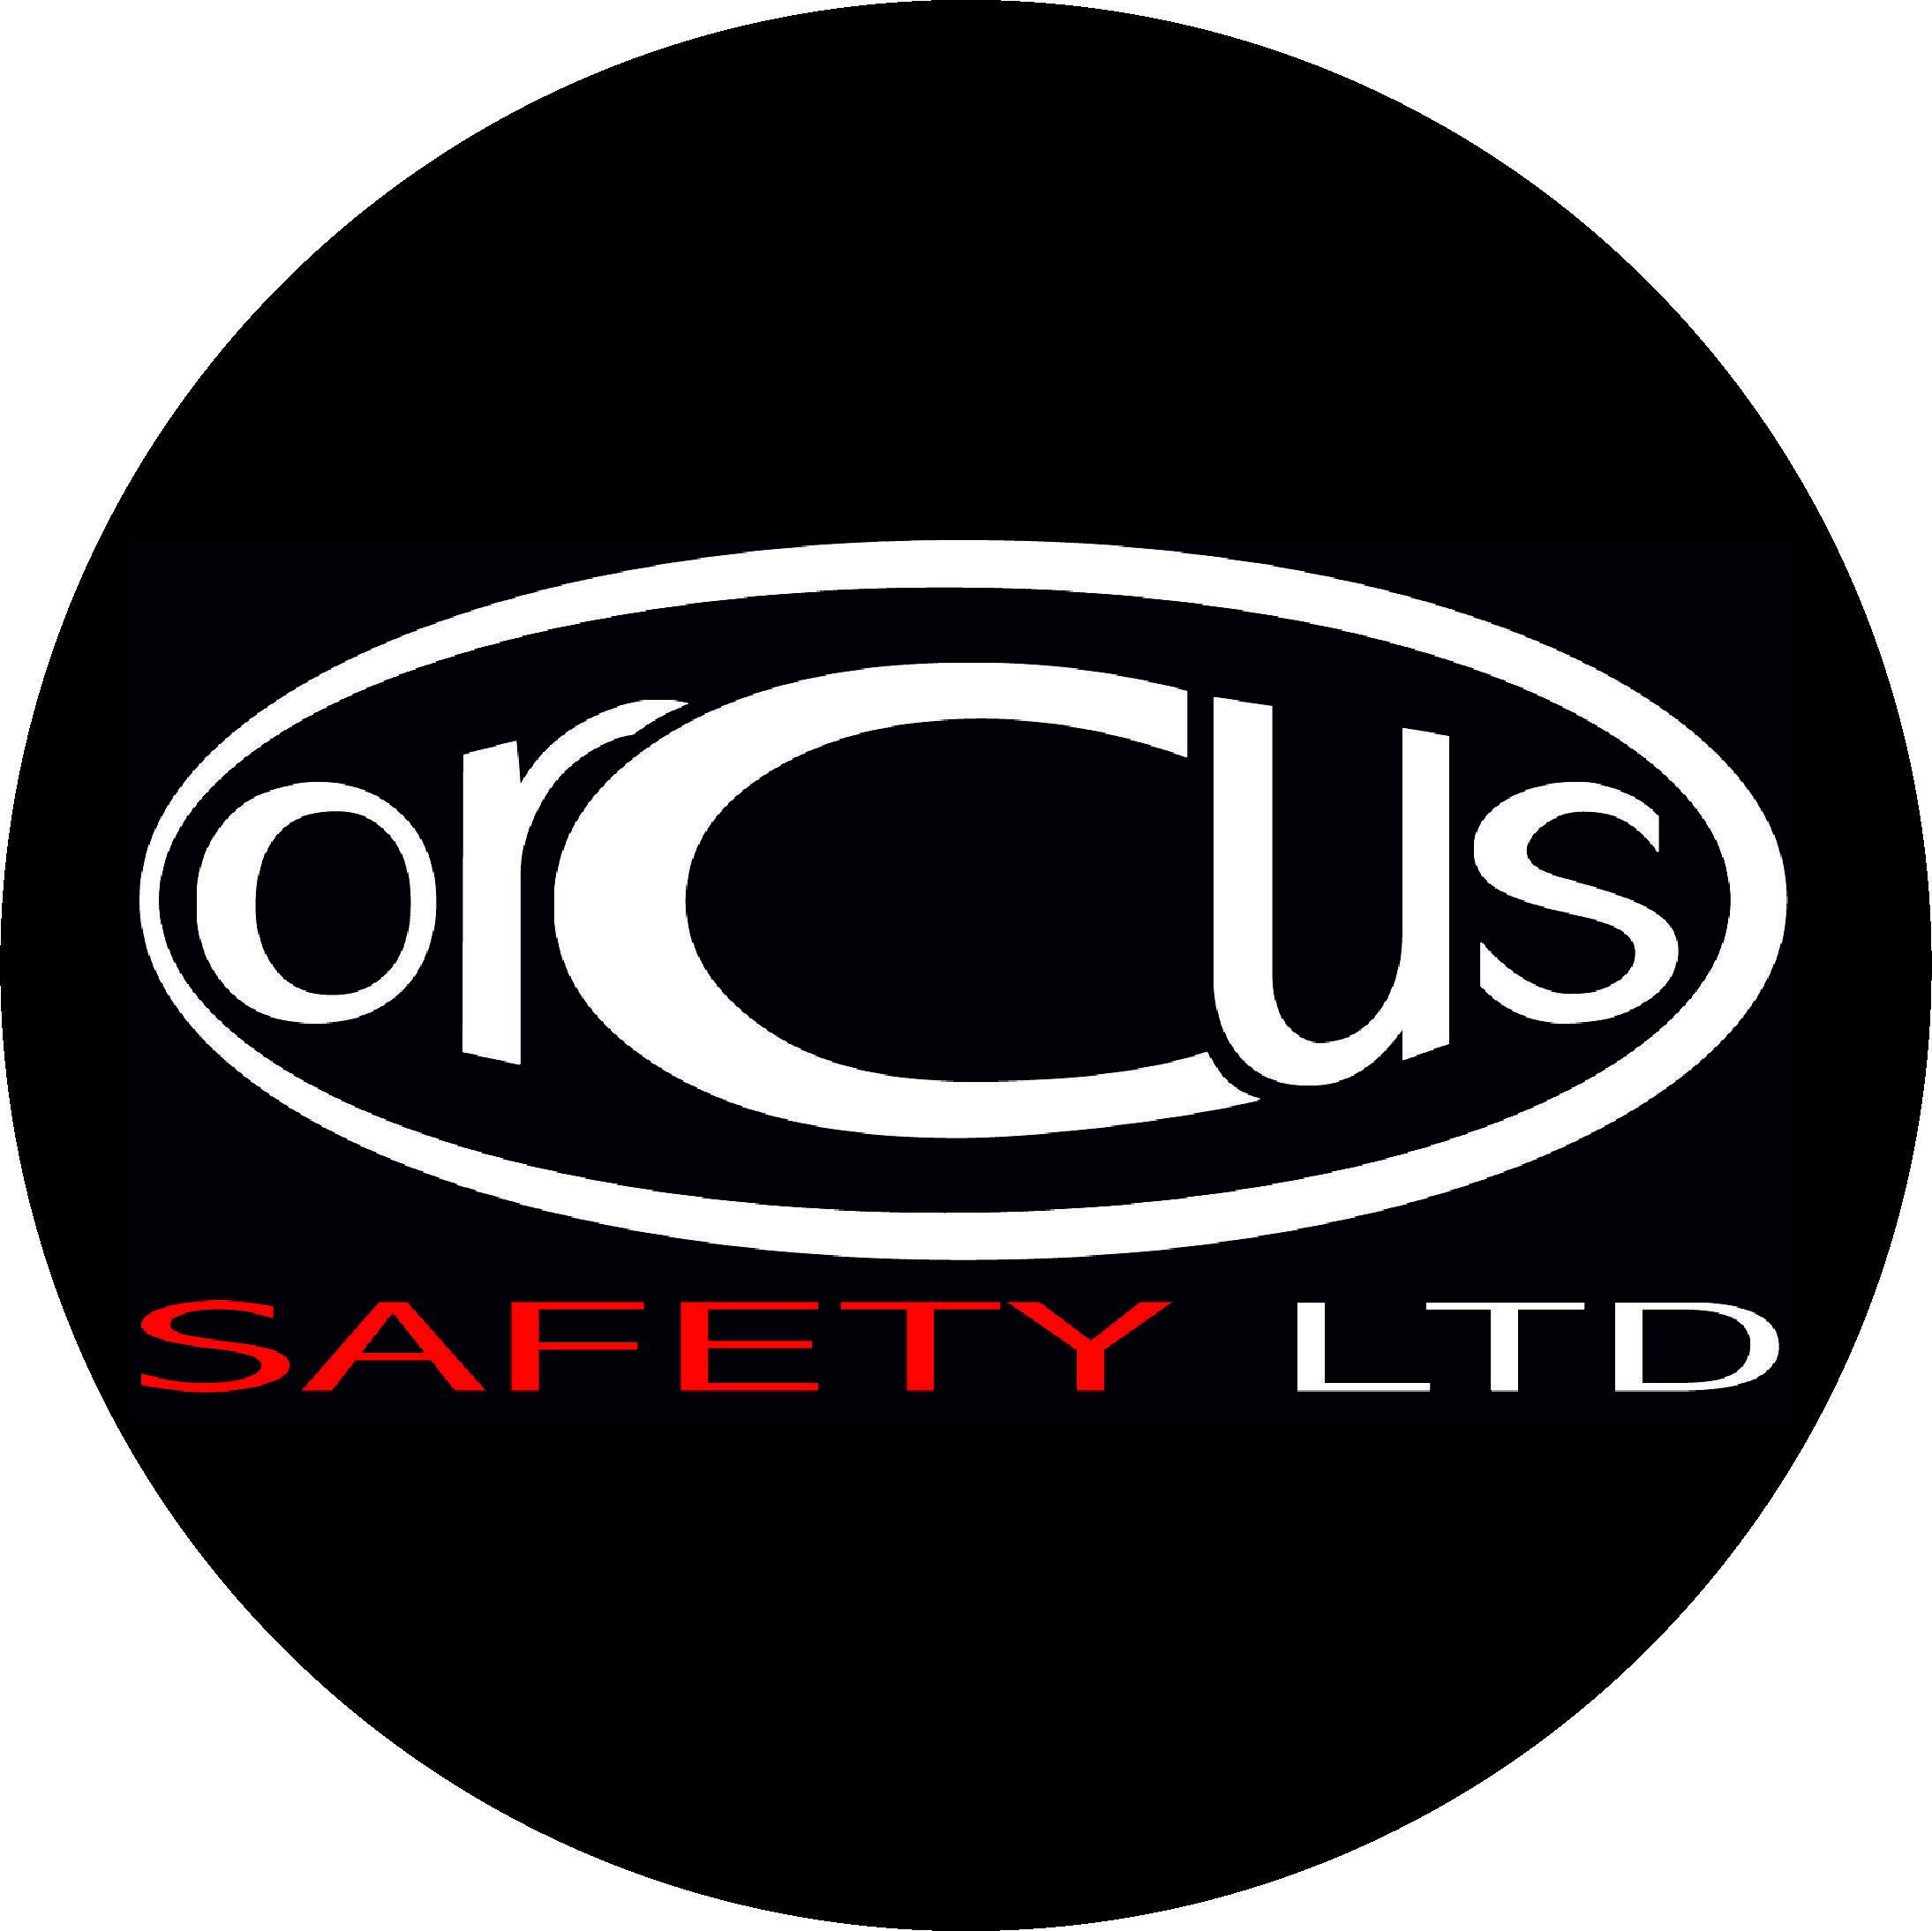 Gavin Ashford- Orcus Safety Ltd